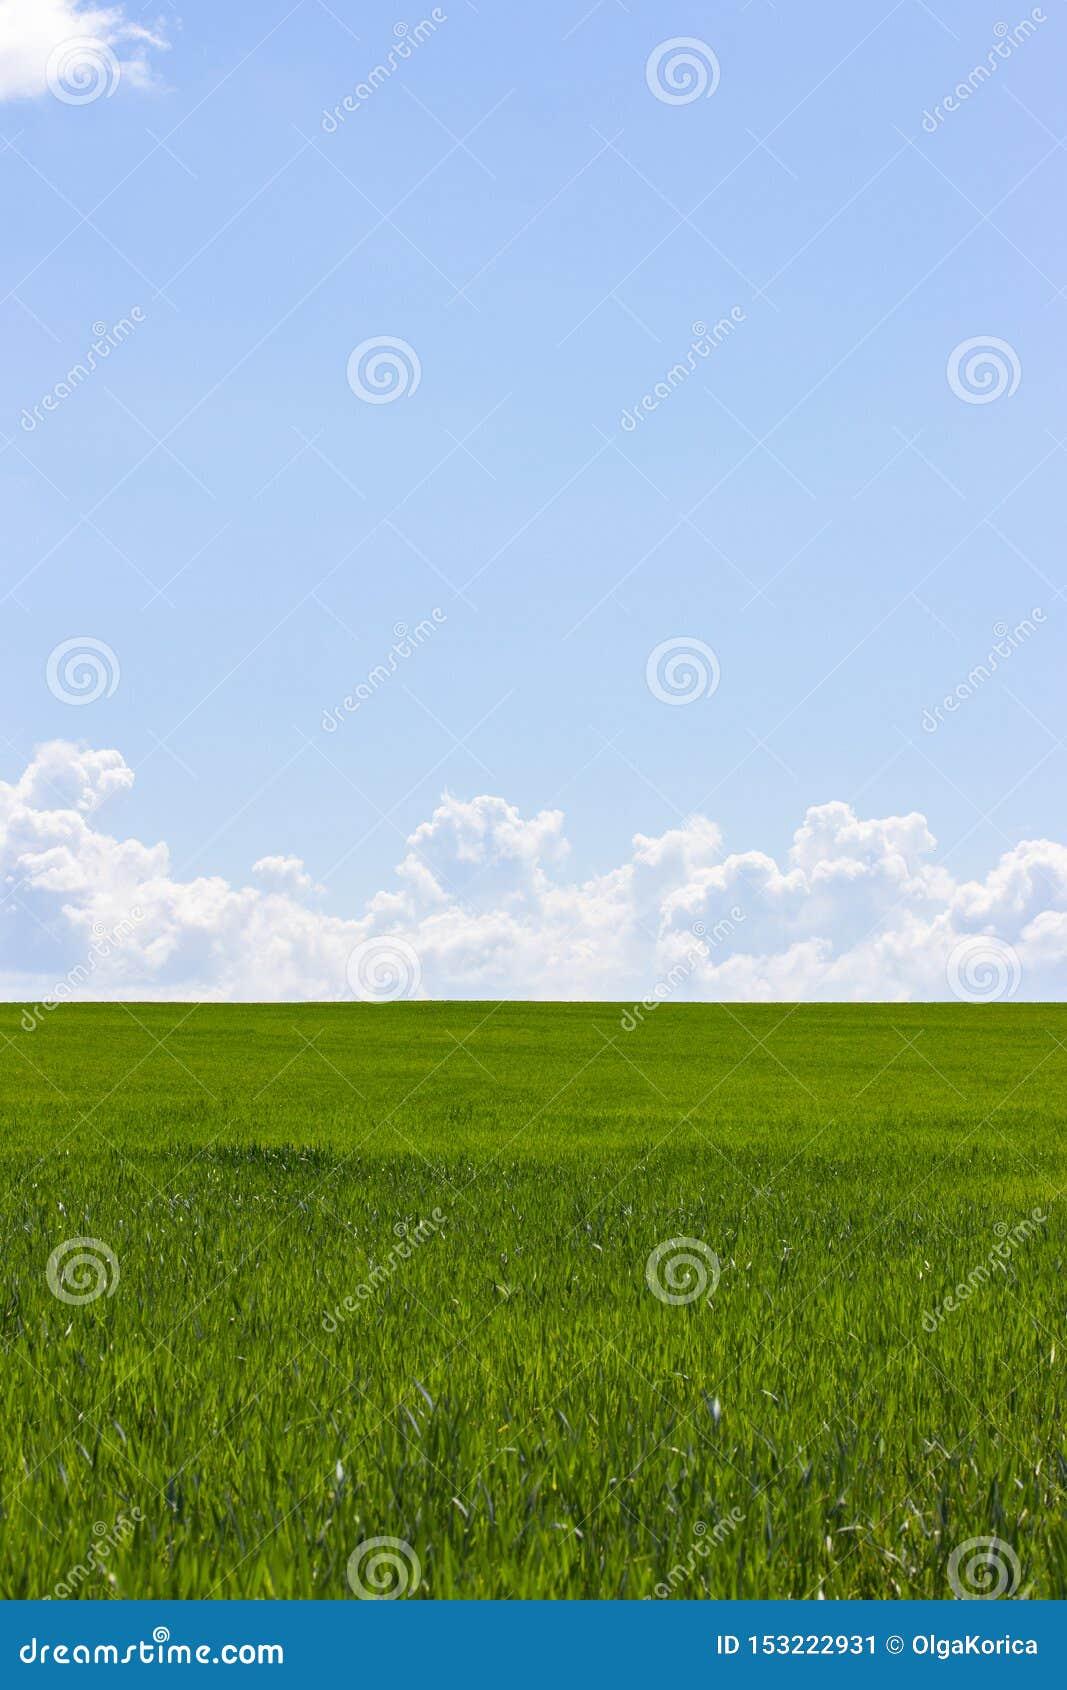 Grünes Feld und blauer Himmel mit weißen Wolken, die Hintergrundtapeten-Landschaftsvertikale Ländliche Landschaft mit Weizensprös